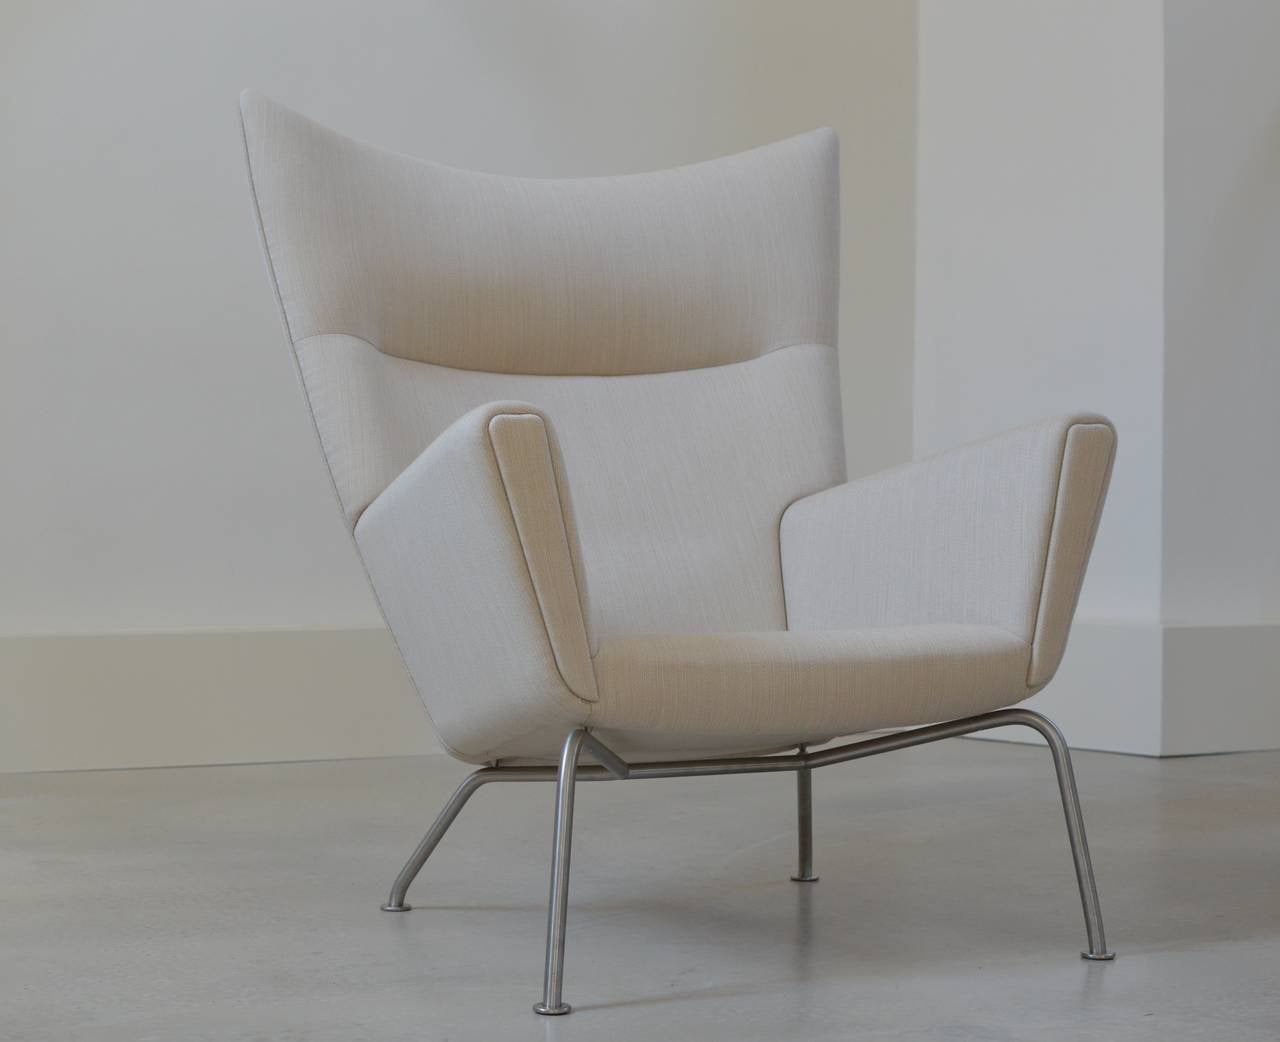 Hans Wegner Wing Chair By Carl Hansen At 1stdibs